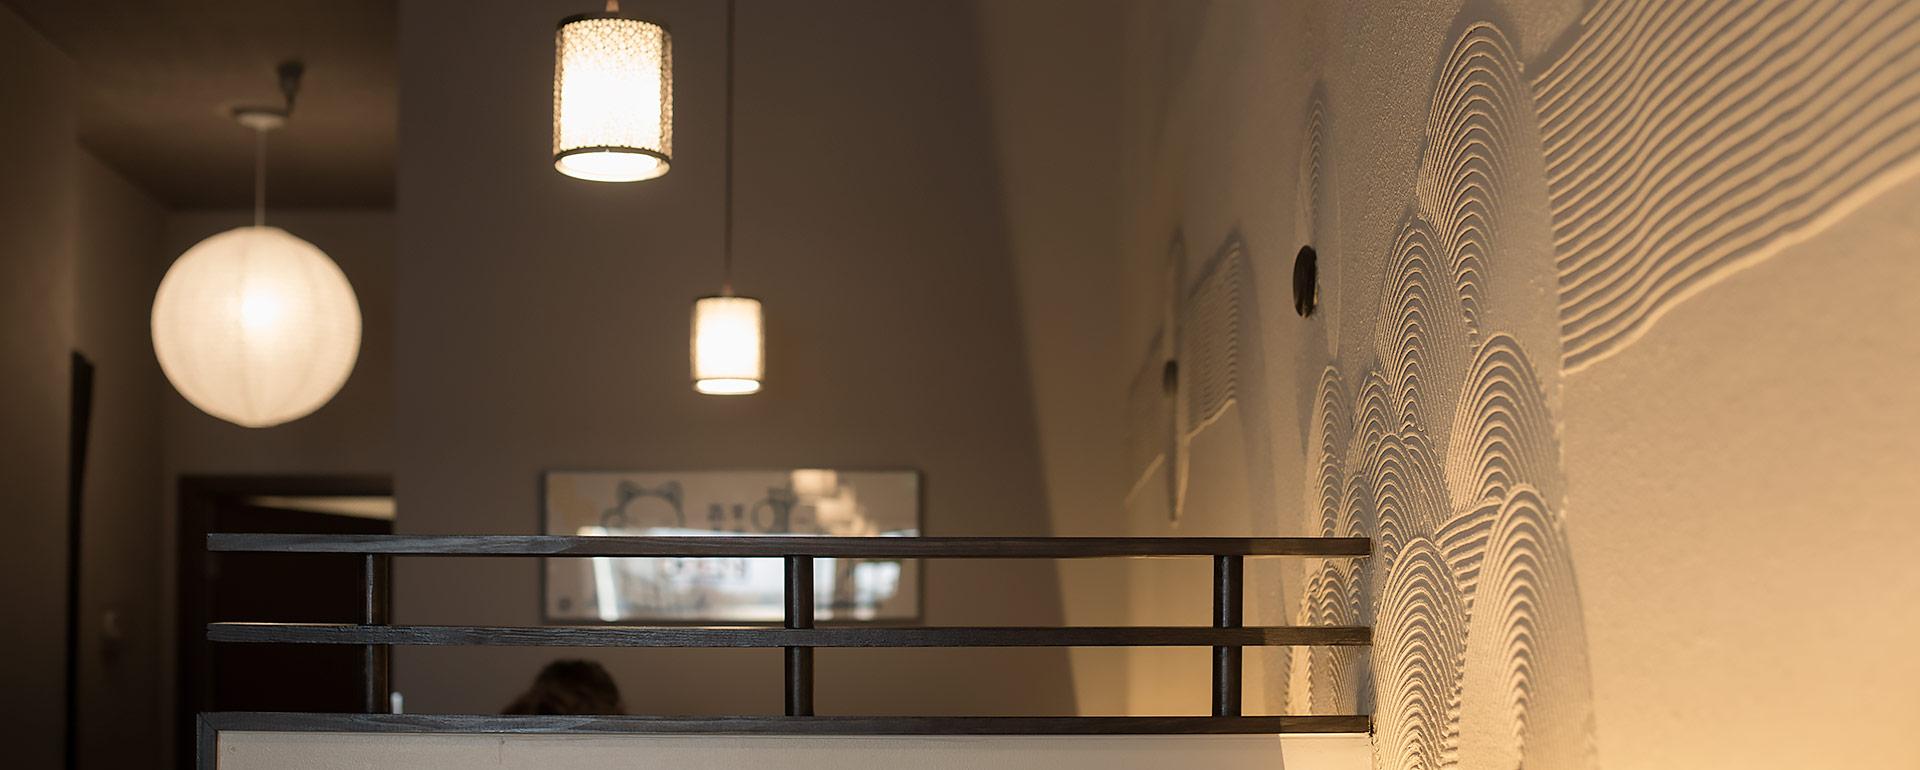 interior of Arashi Ramen